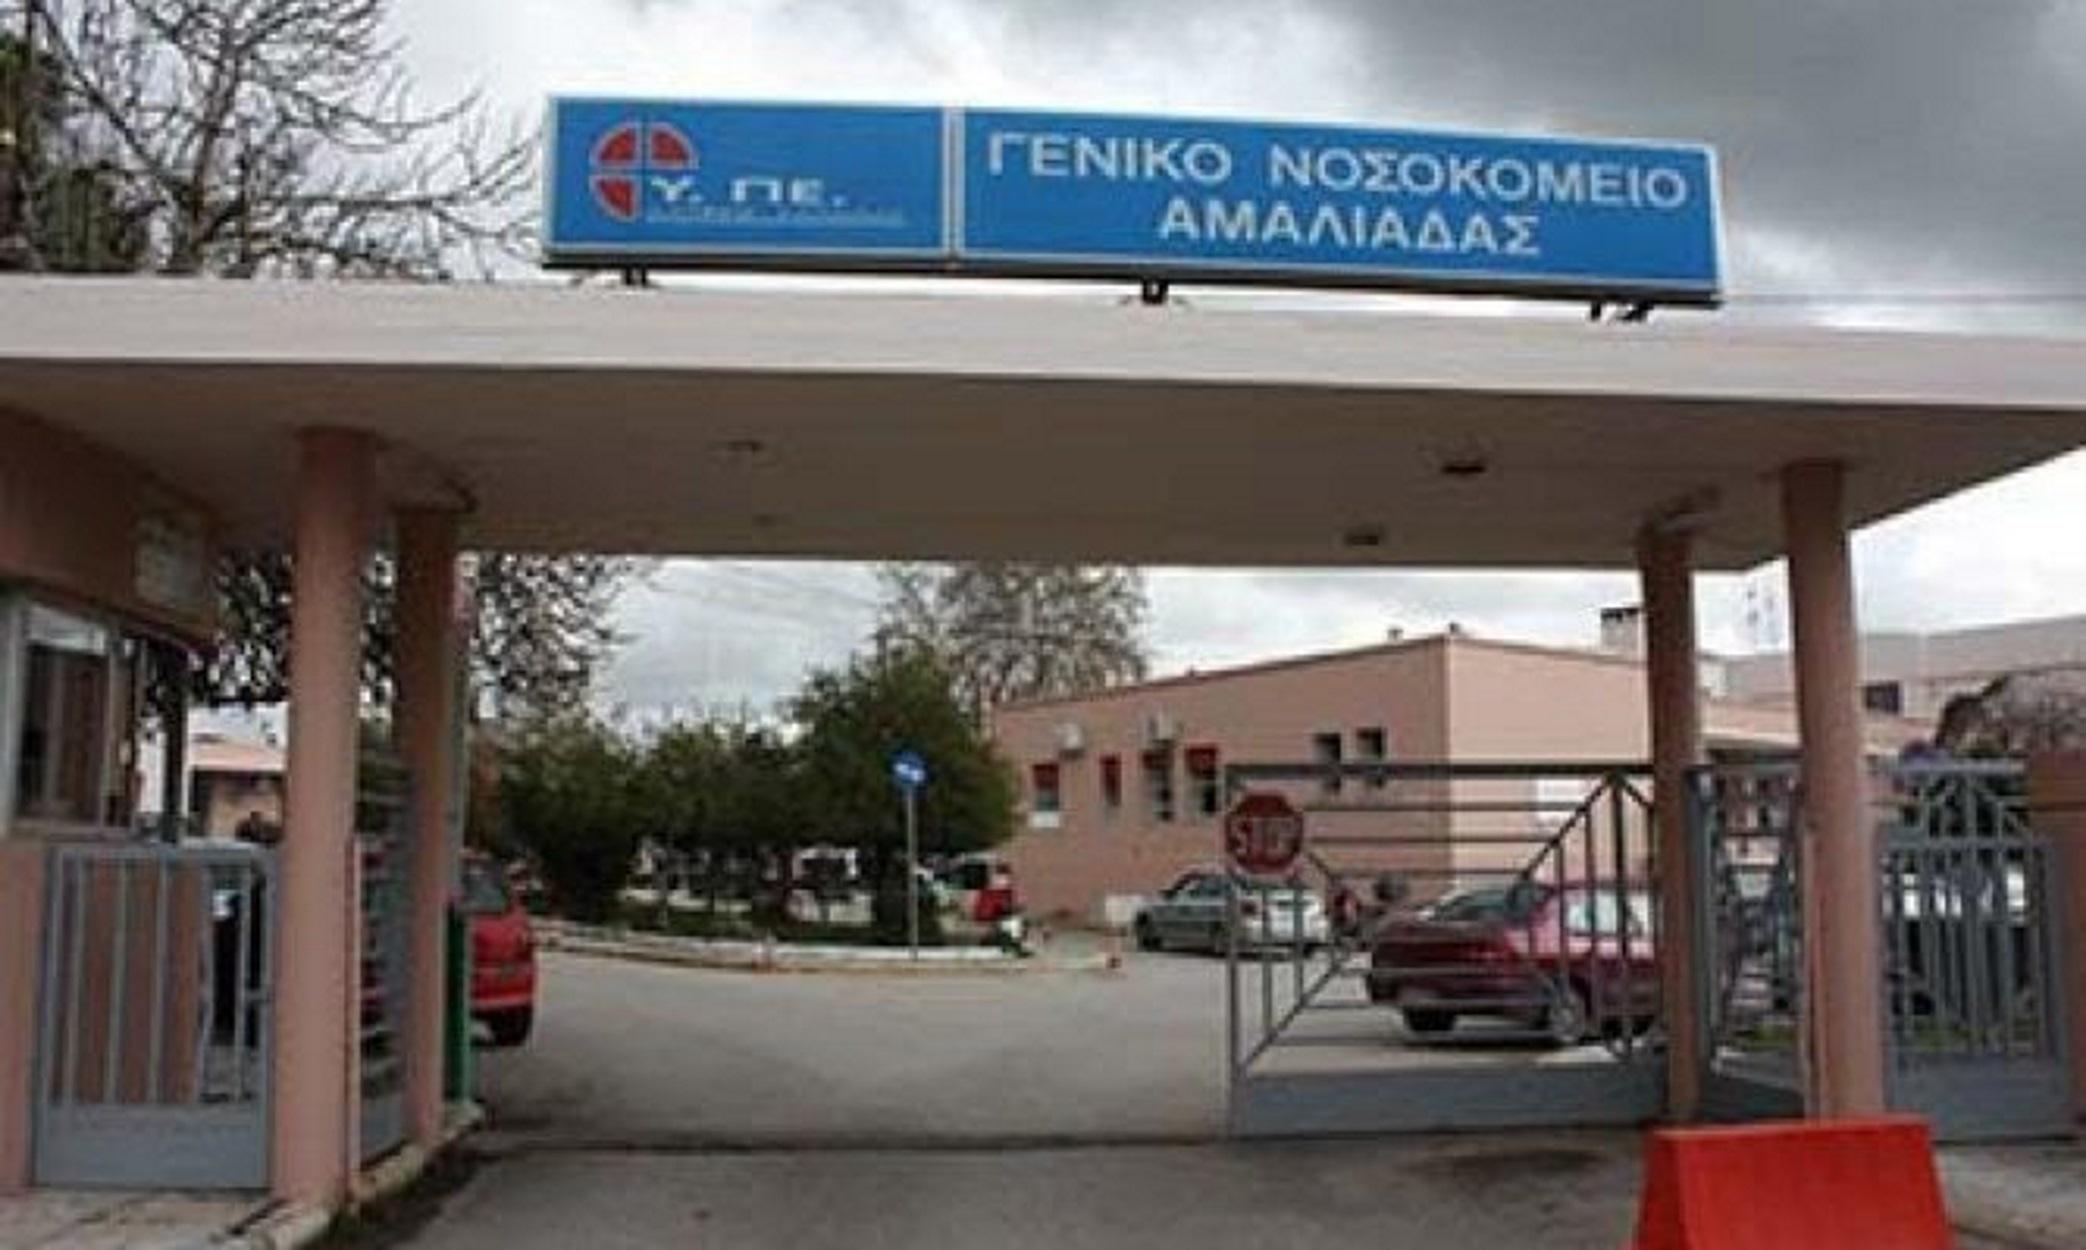 Αμαλιάδα: Σε καραντίνα 18 γιατροί και νοσηλευτές του Νοσοκομείου